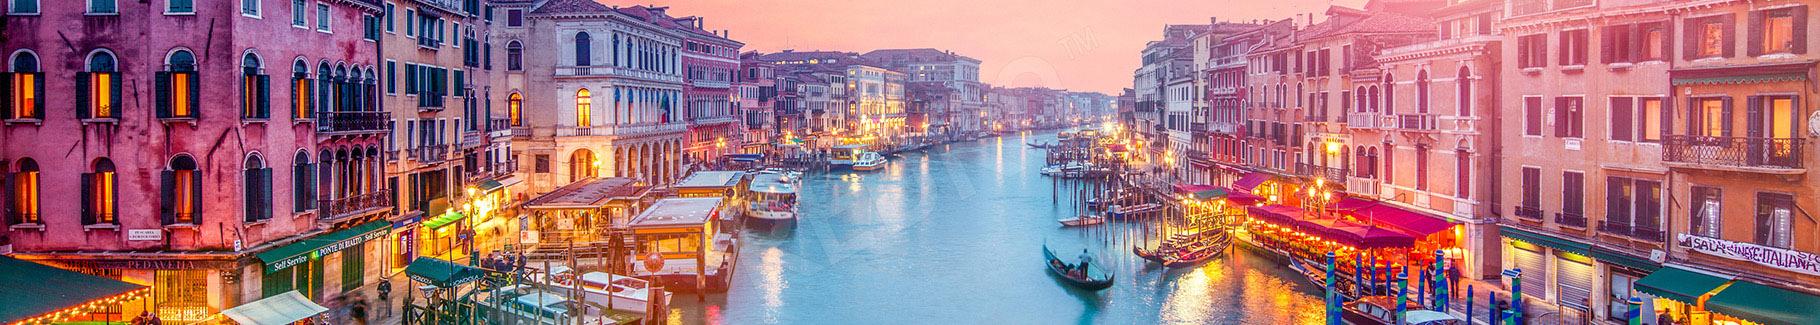 Panoramiczny obraz Wenecja